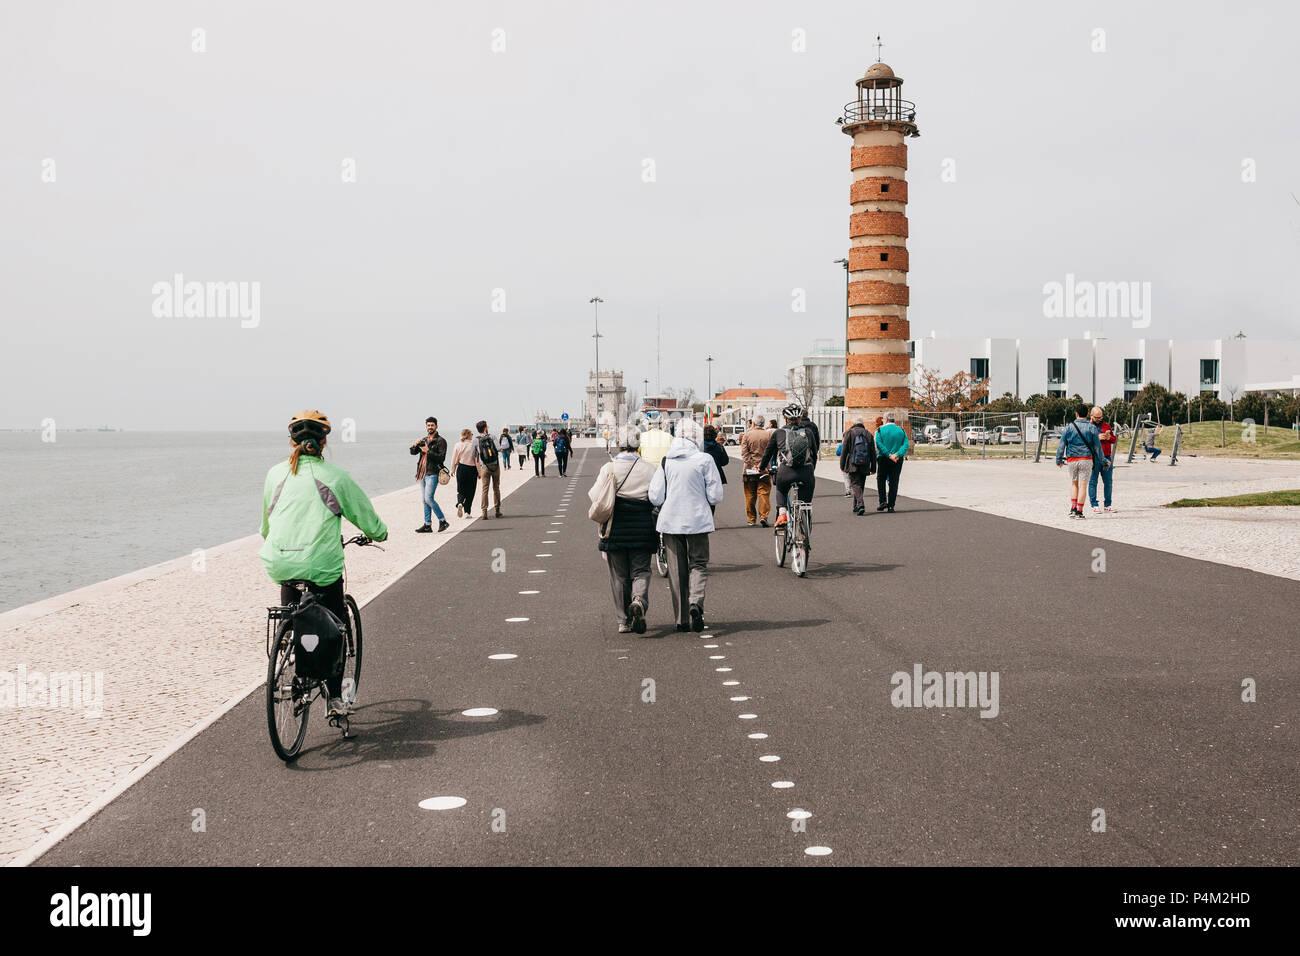 Lisboa, 18 de junio, 2018: la gente paseando por el paseo marítimo en la zona de Belem. Algunas personas ir en bicicleta. La vida en la ciudad ordinaria Foto de stock